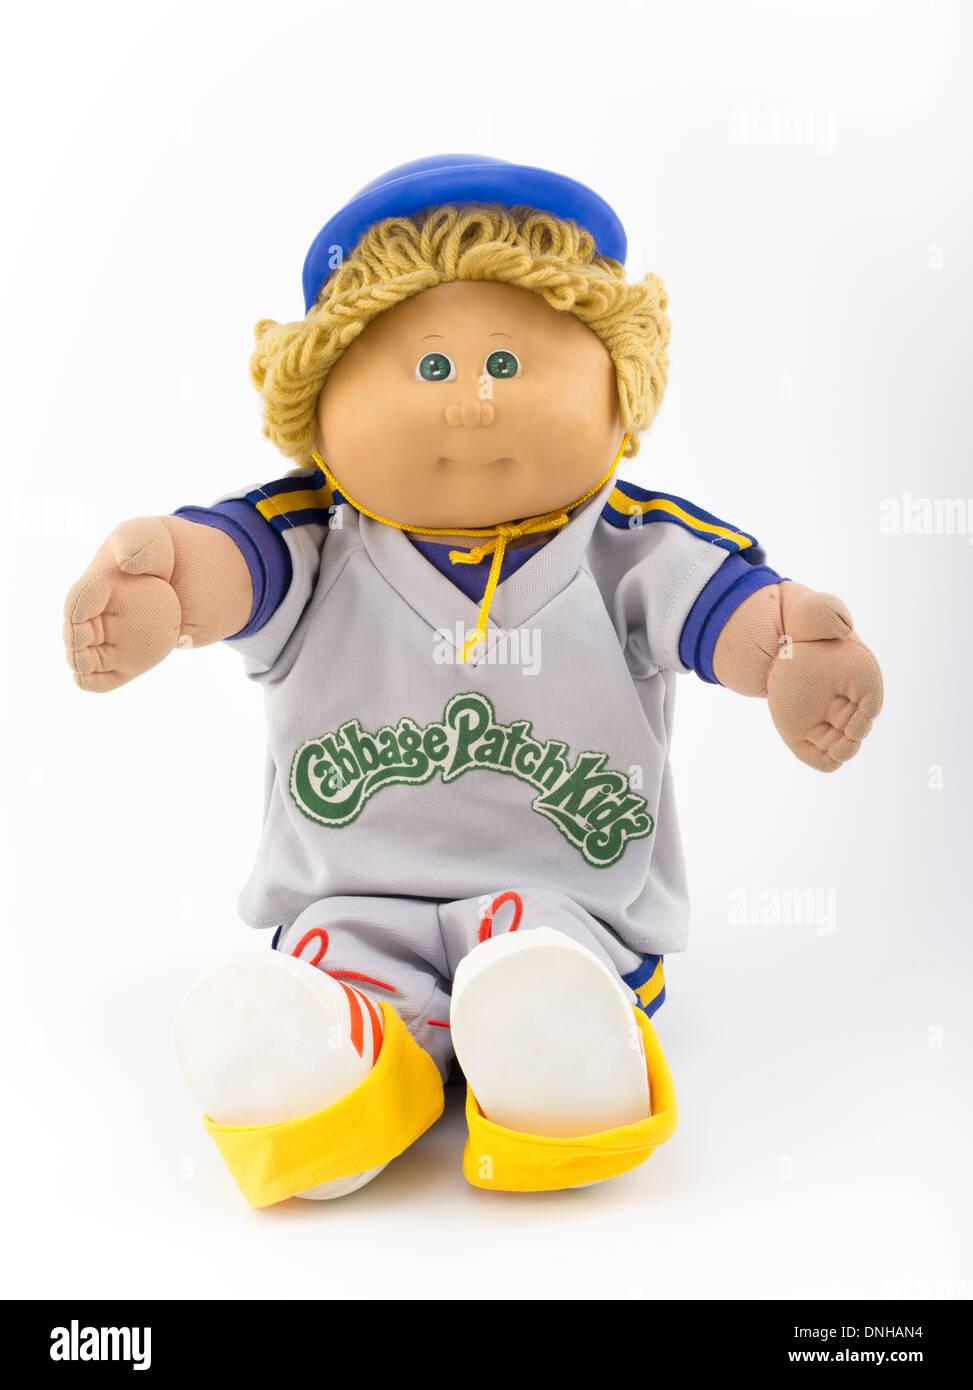 Las Cabbage Patch Kids Arlo Scotty creado por Xavier Roberts 1982 Coleco icónicos de juguete de los 80's, 80s Imagen De Stock